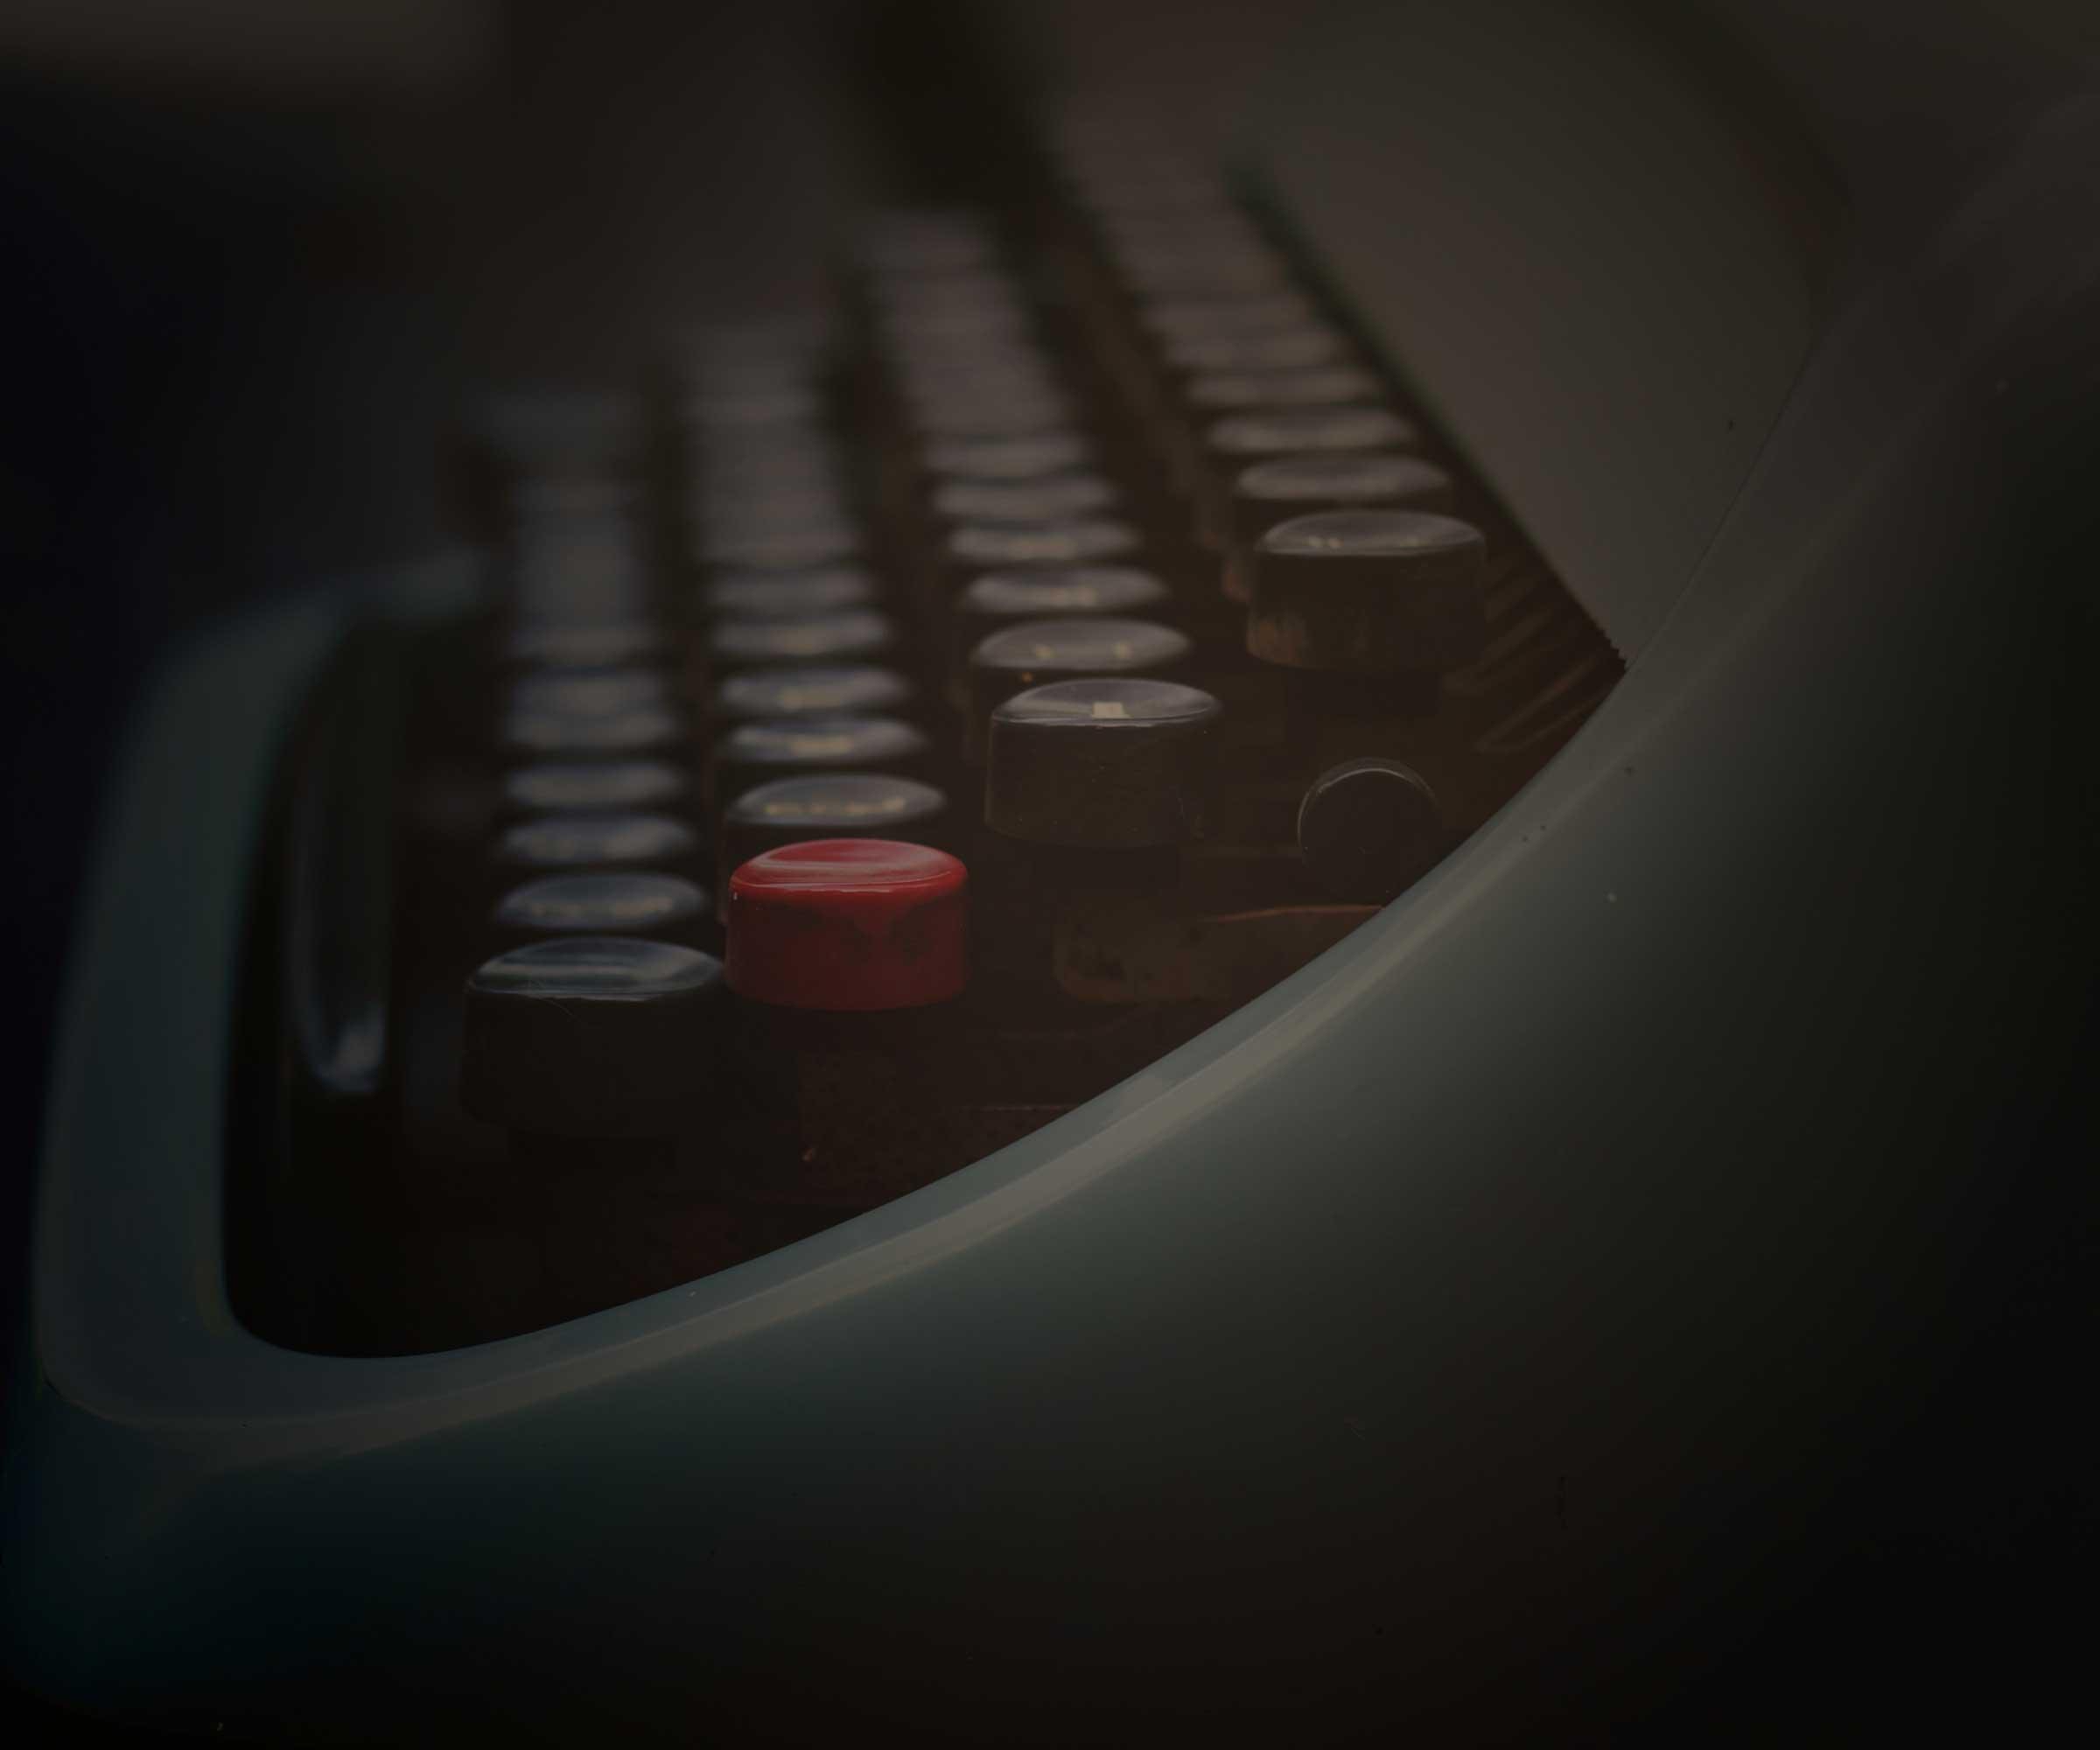 kontakt_schreibmaschine